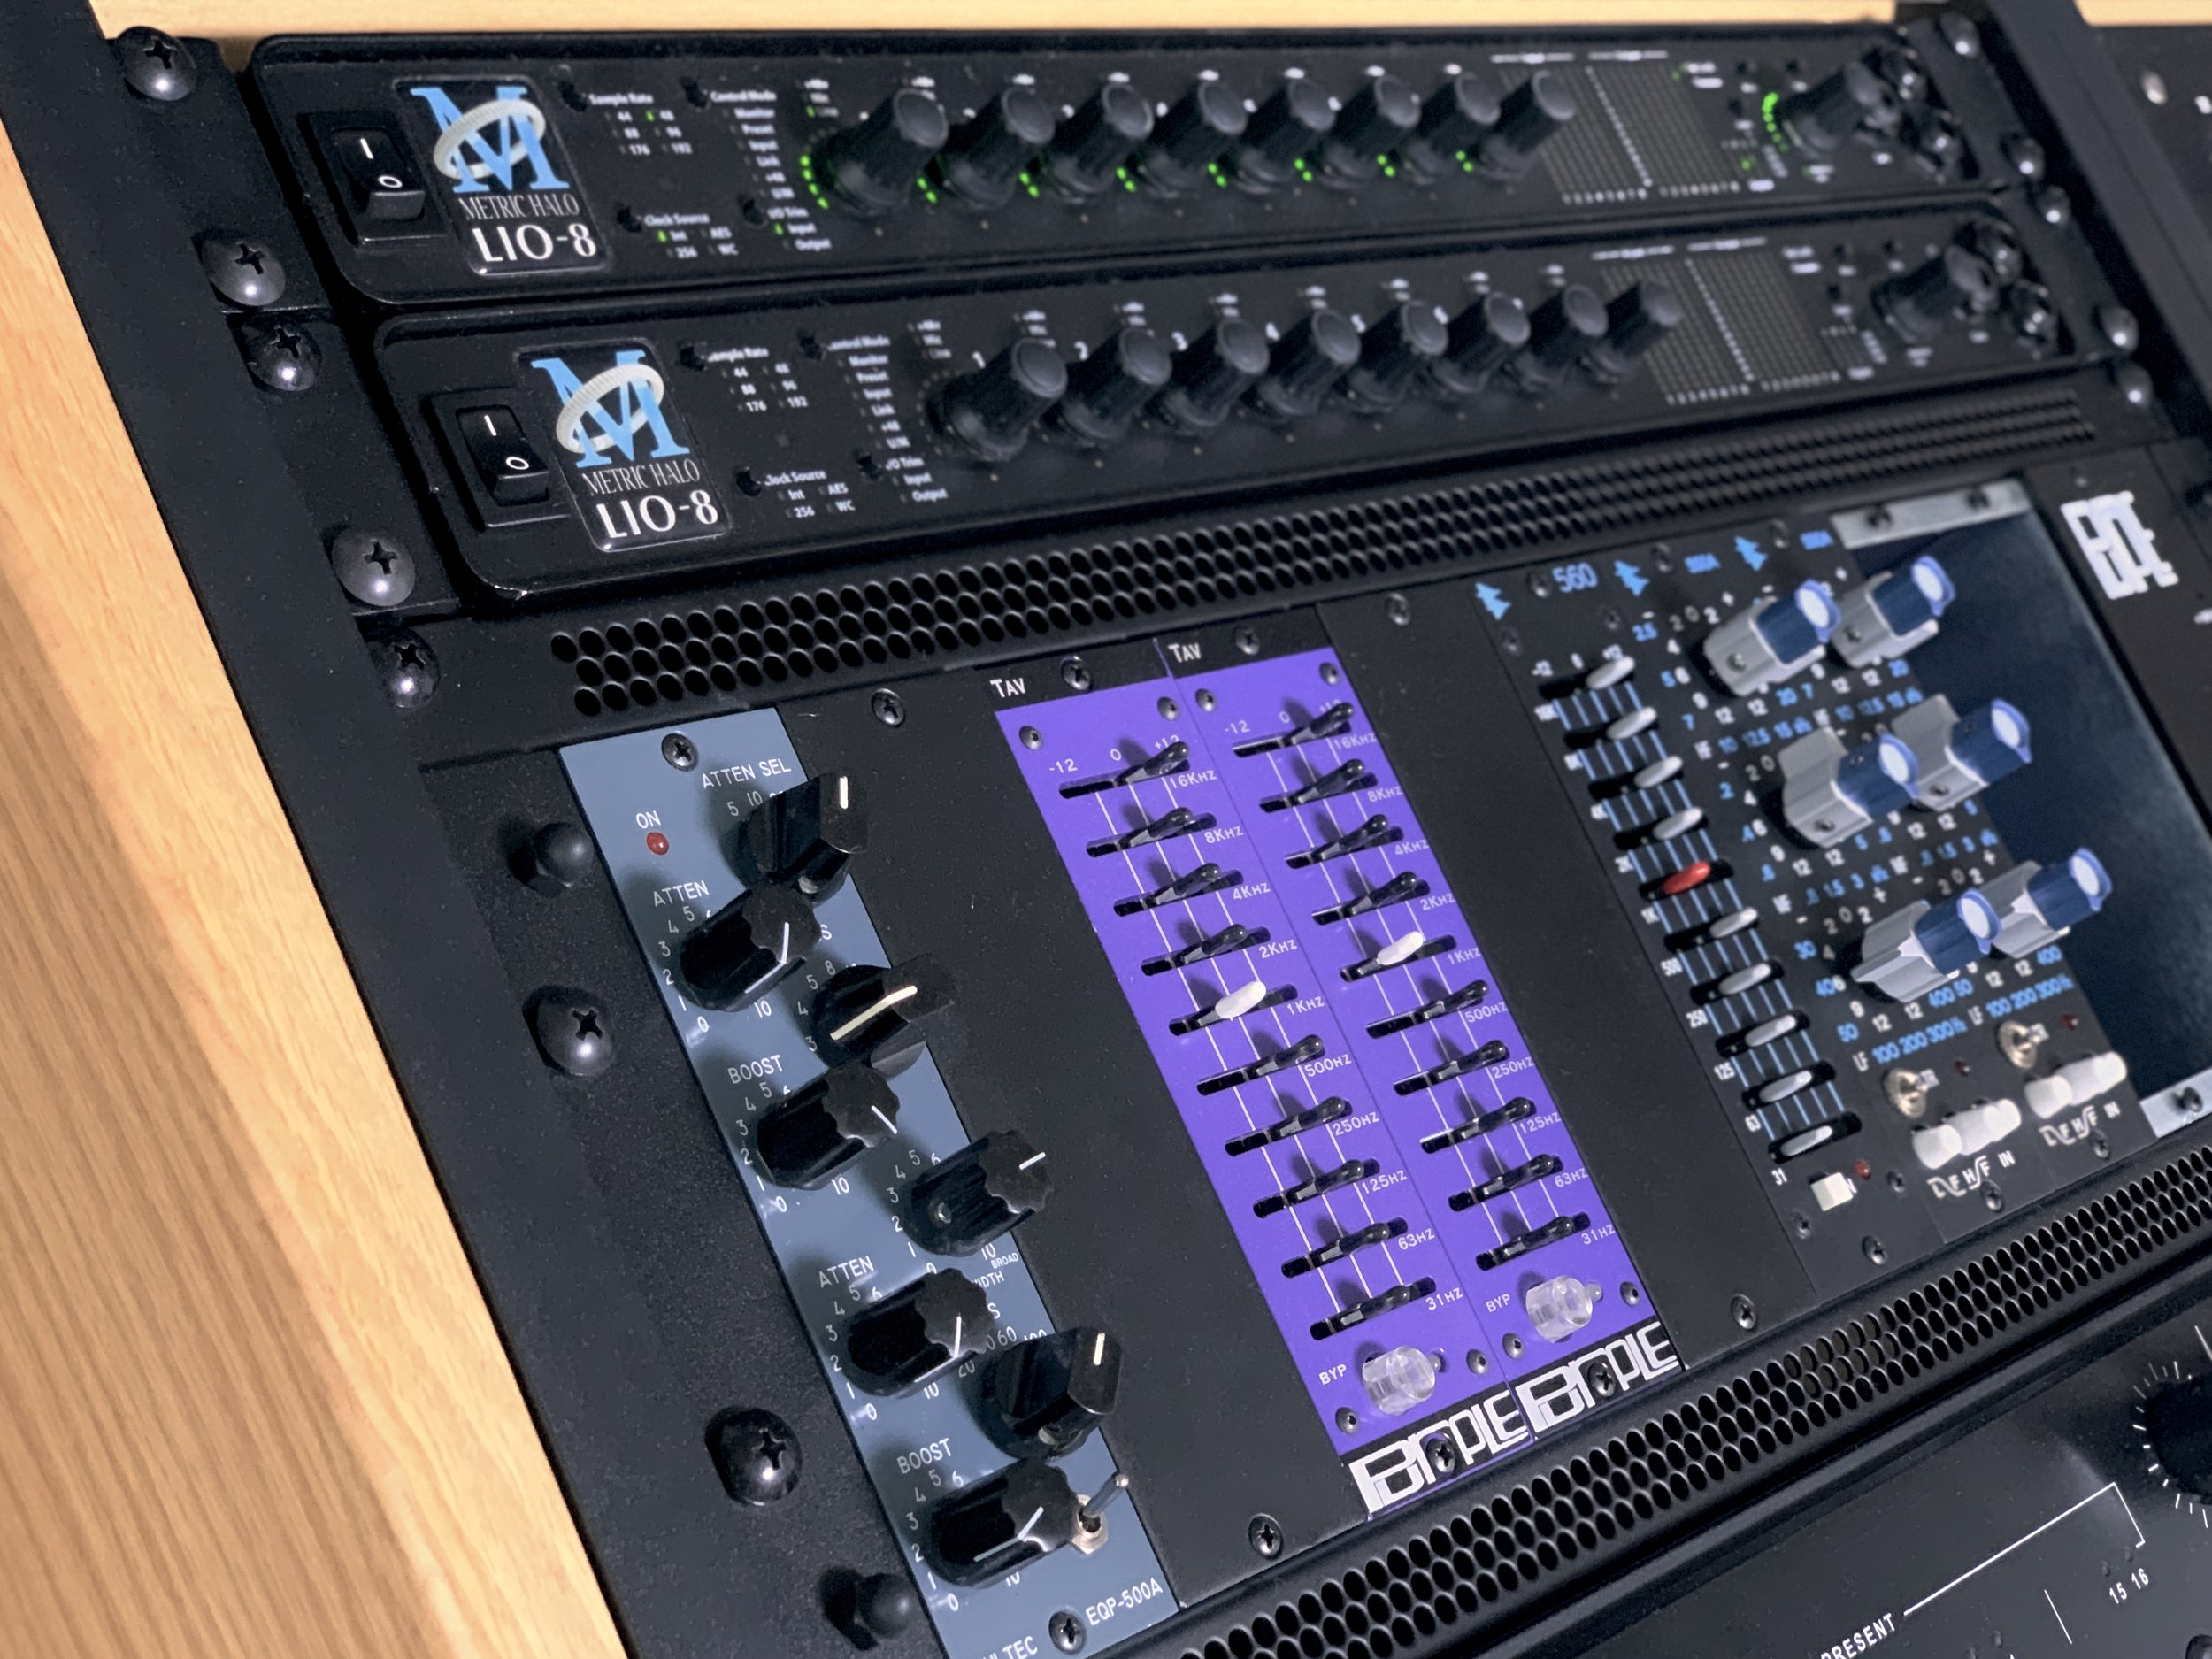 LIO-8 X2 MIXING DESK